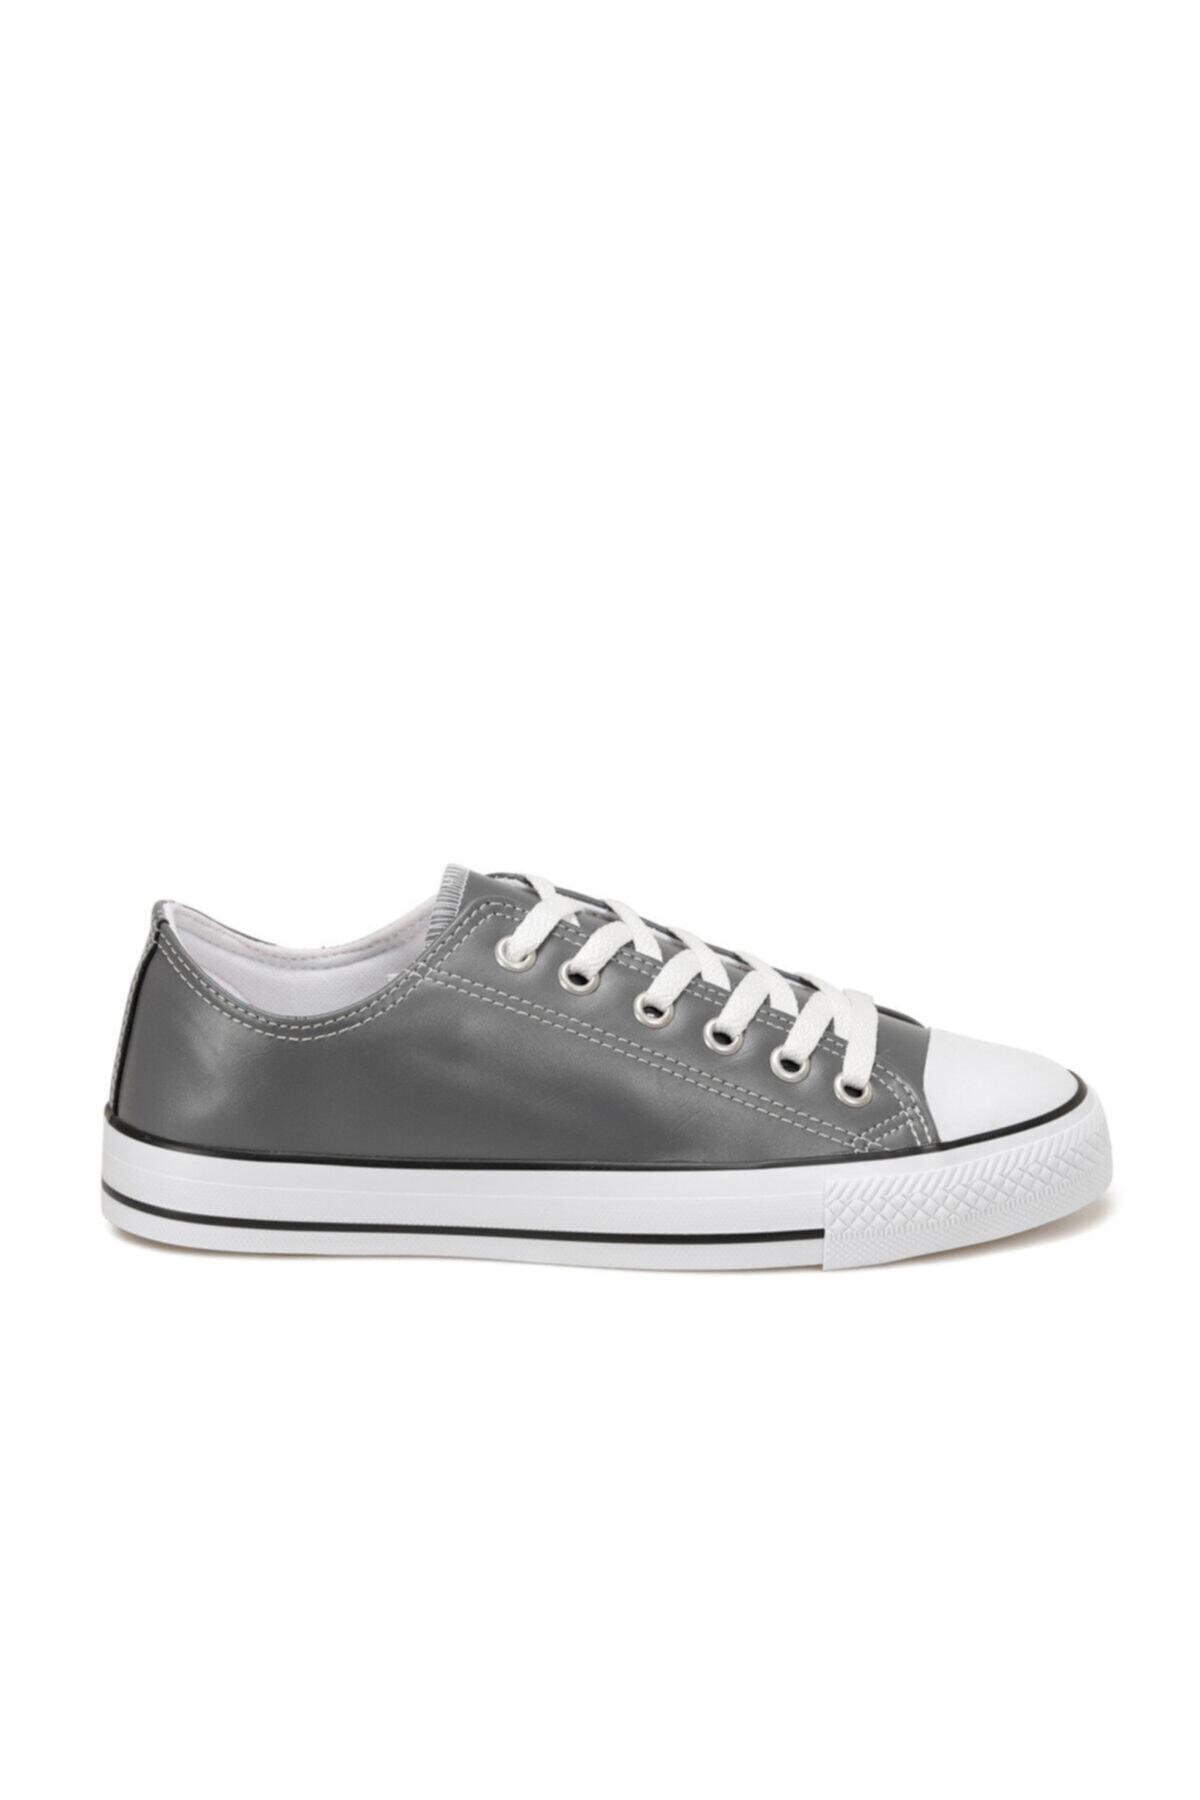 FORESTER EC-2001 Gri Erkek Kalın Tabanlı Sneaker 100669569 2